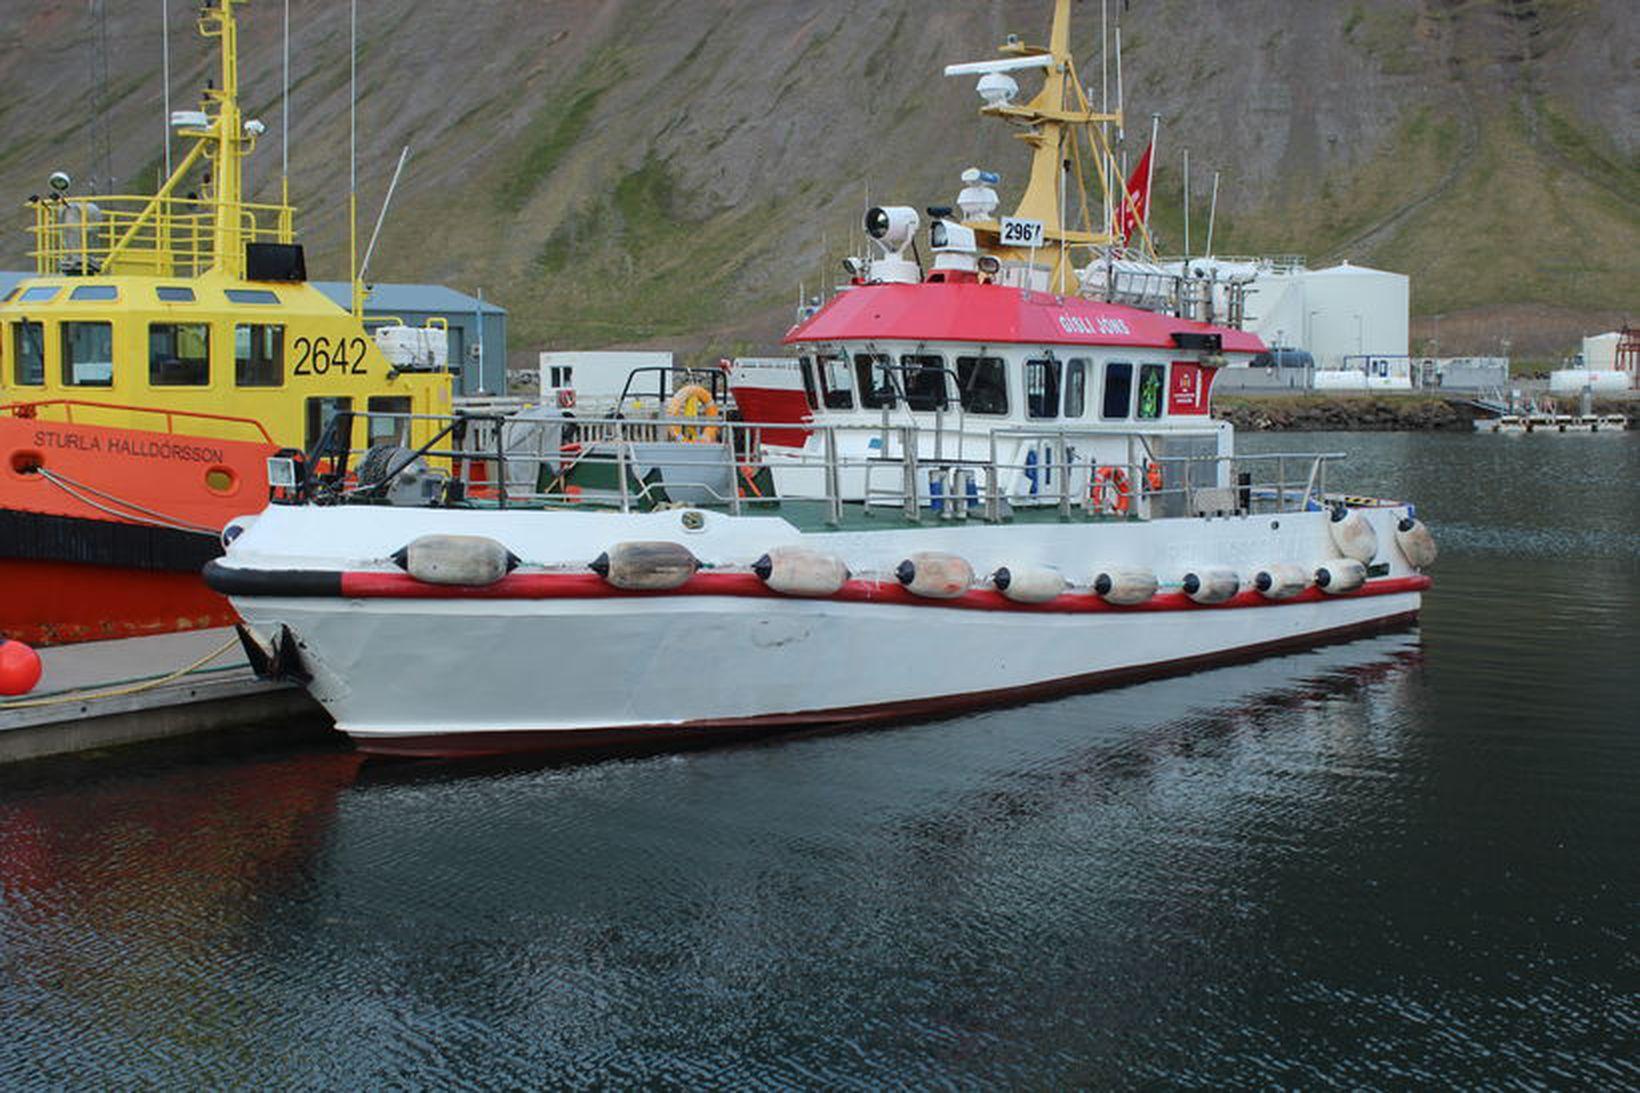 Gíslí Jónsson björgunarskip á Ísafirði.